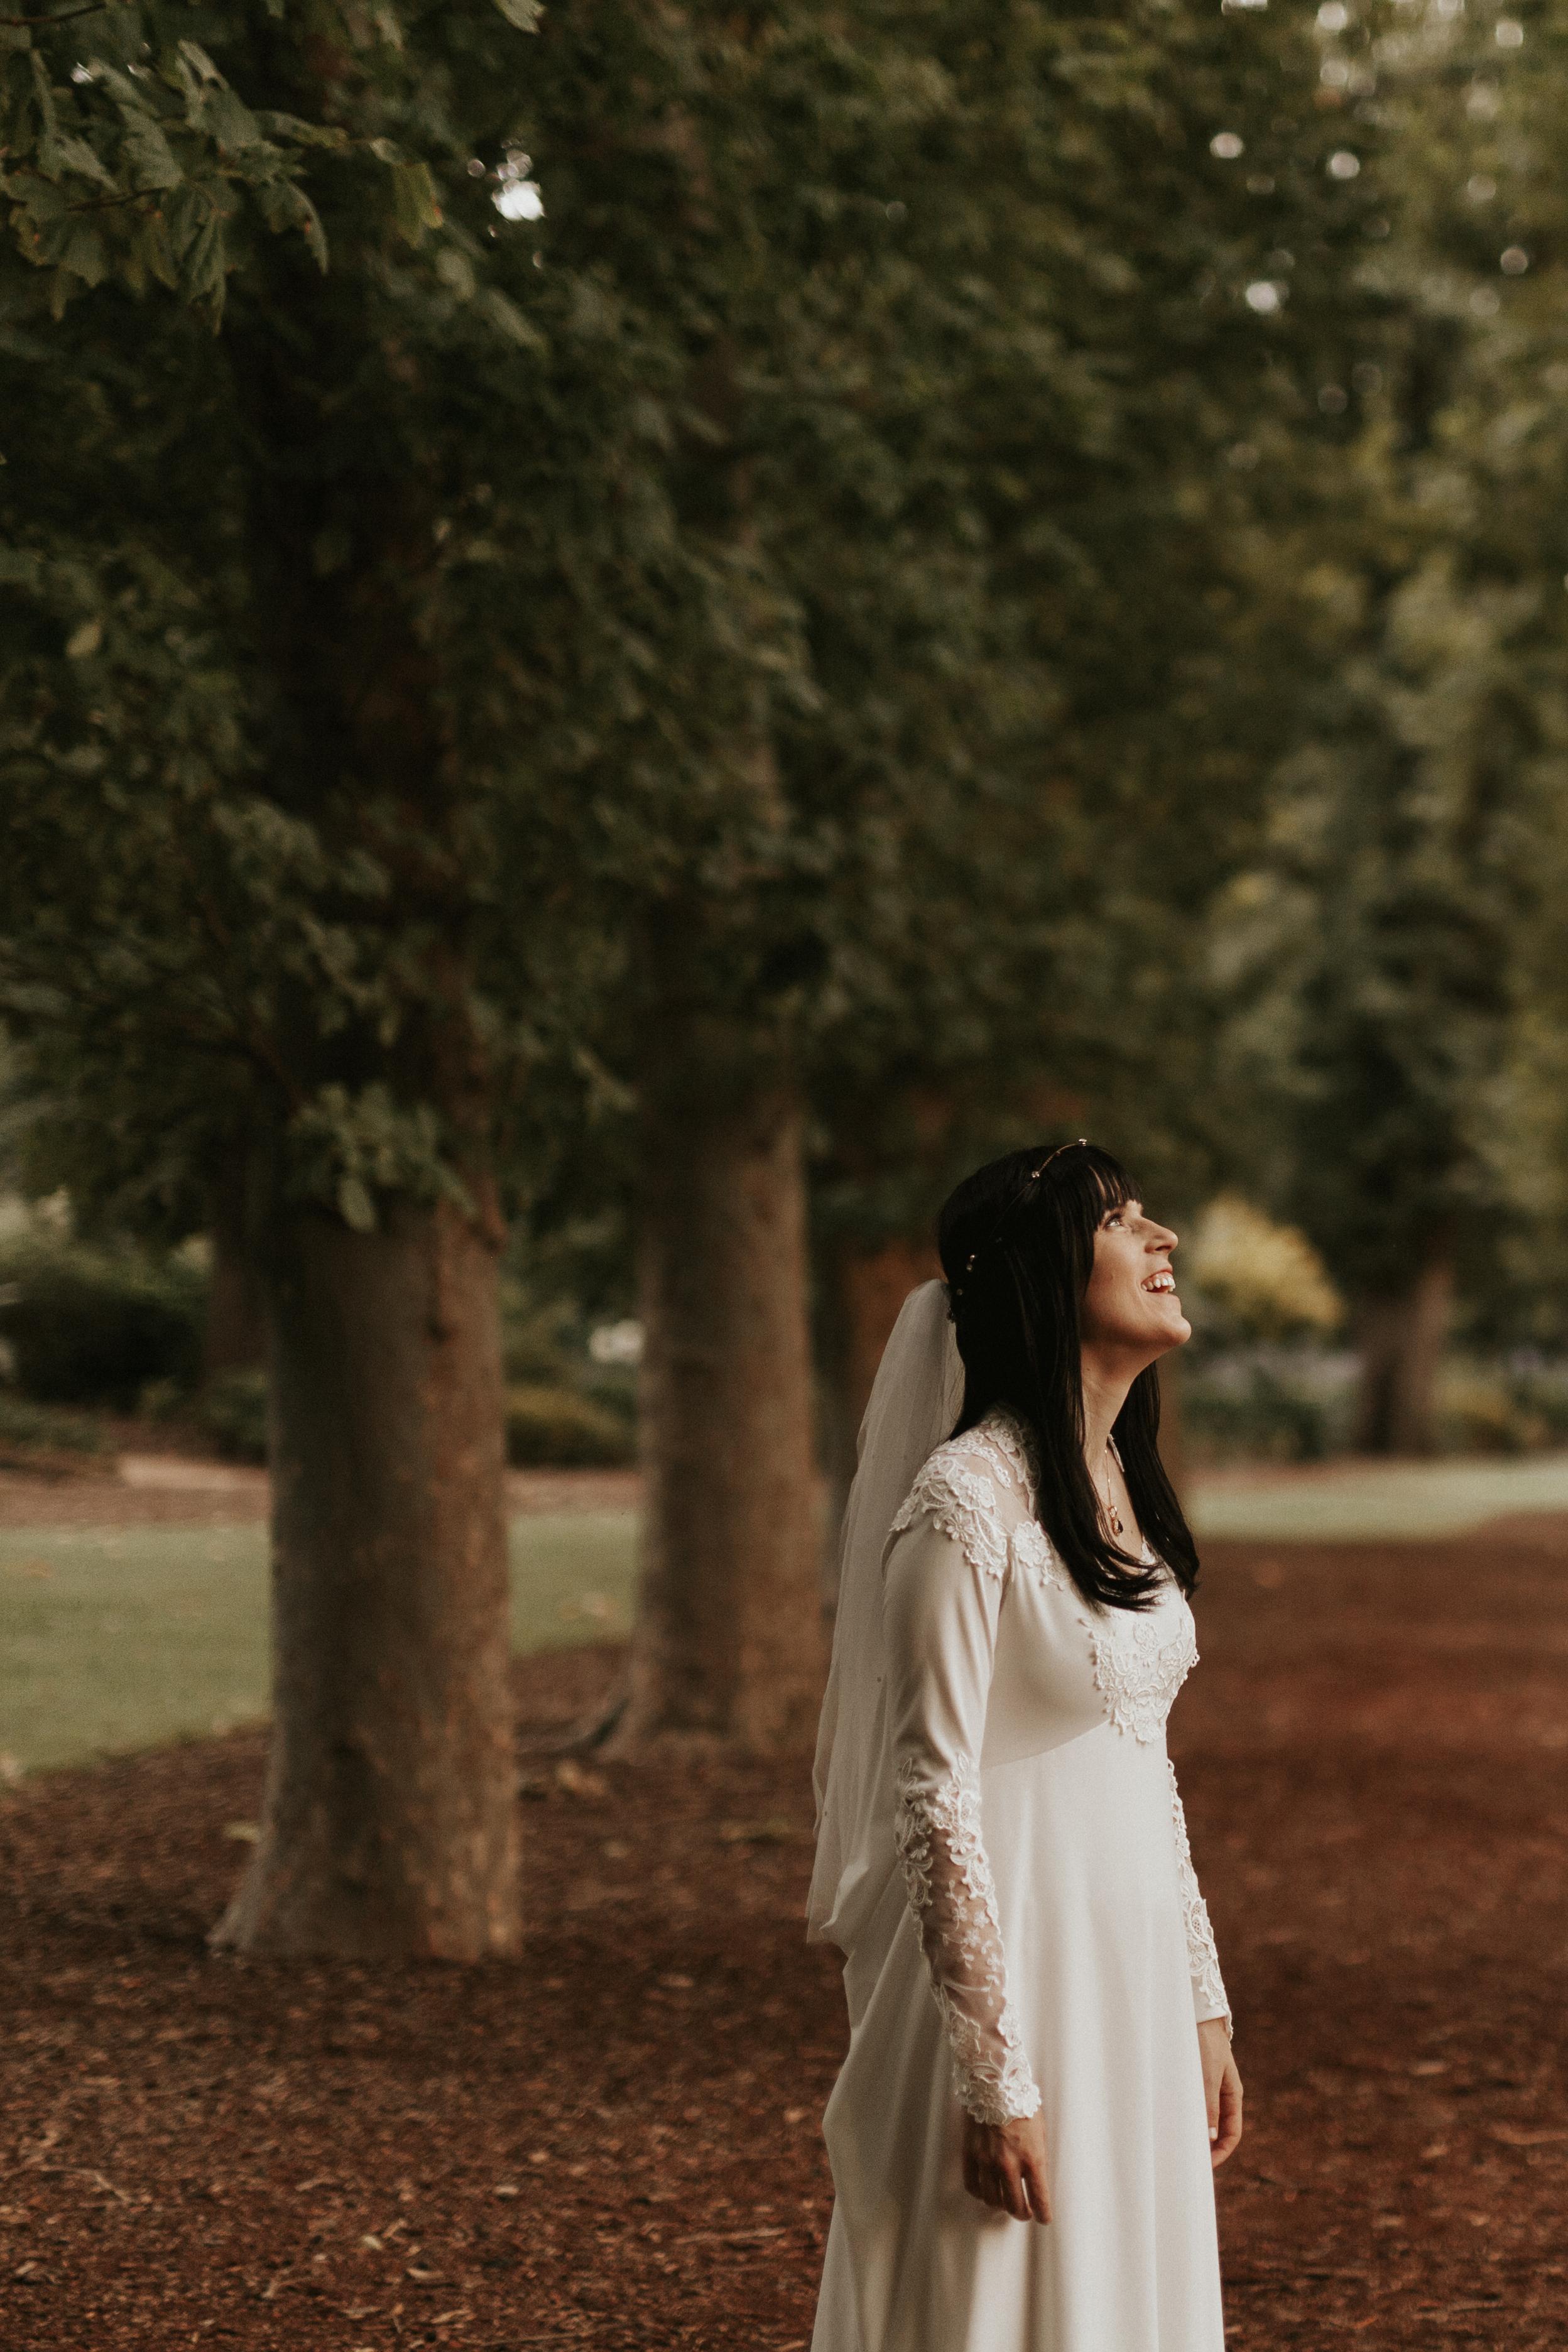 Melbourne-Fitzroy-gardens-wedding-emotionsandmath-128a.jpg